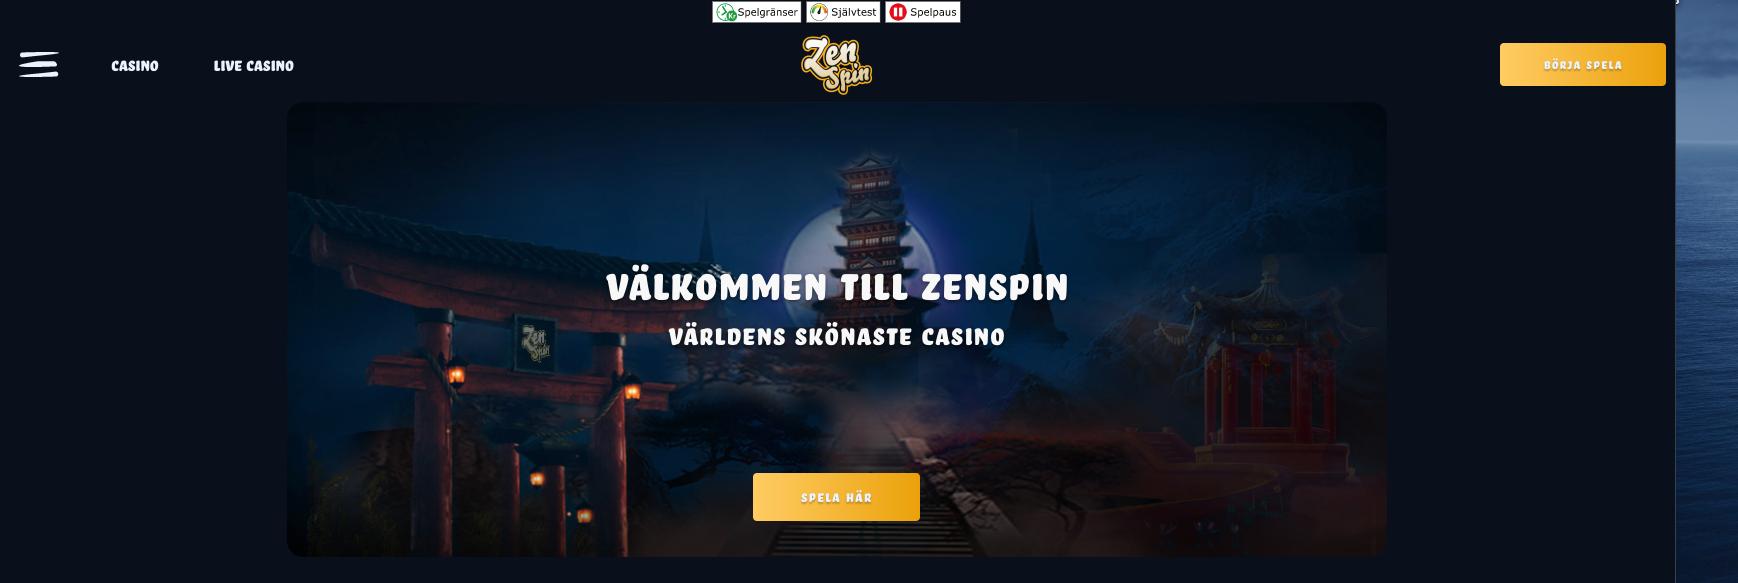 Zenspin-casino-recension